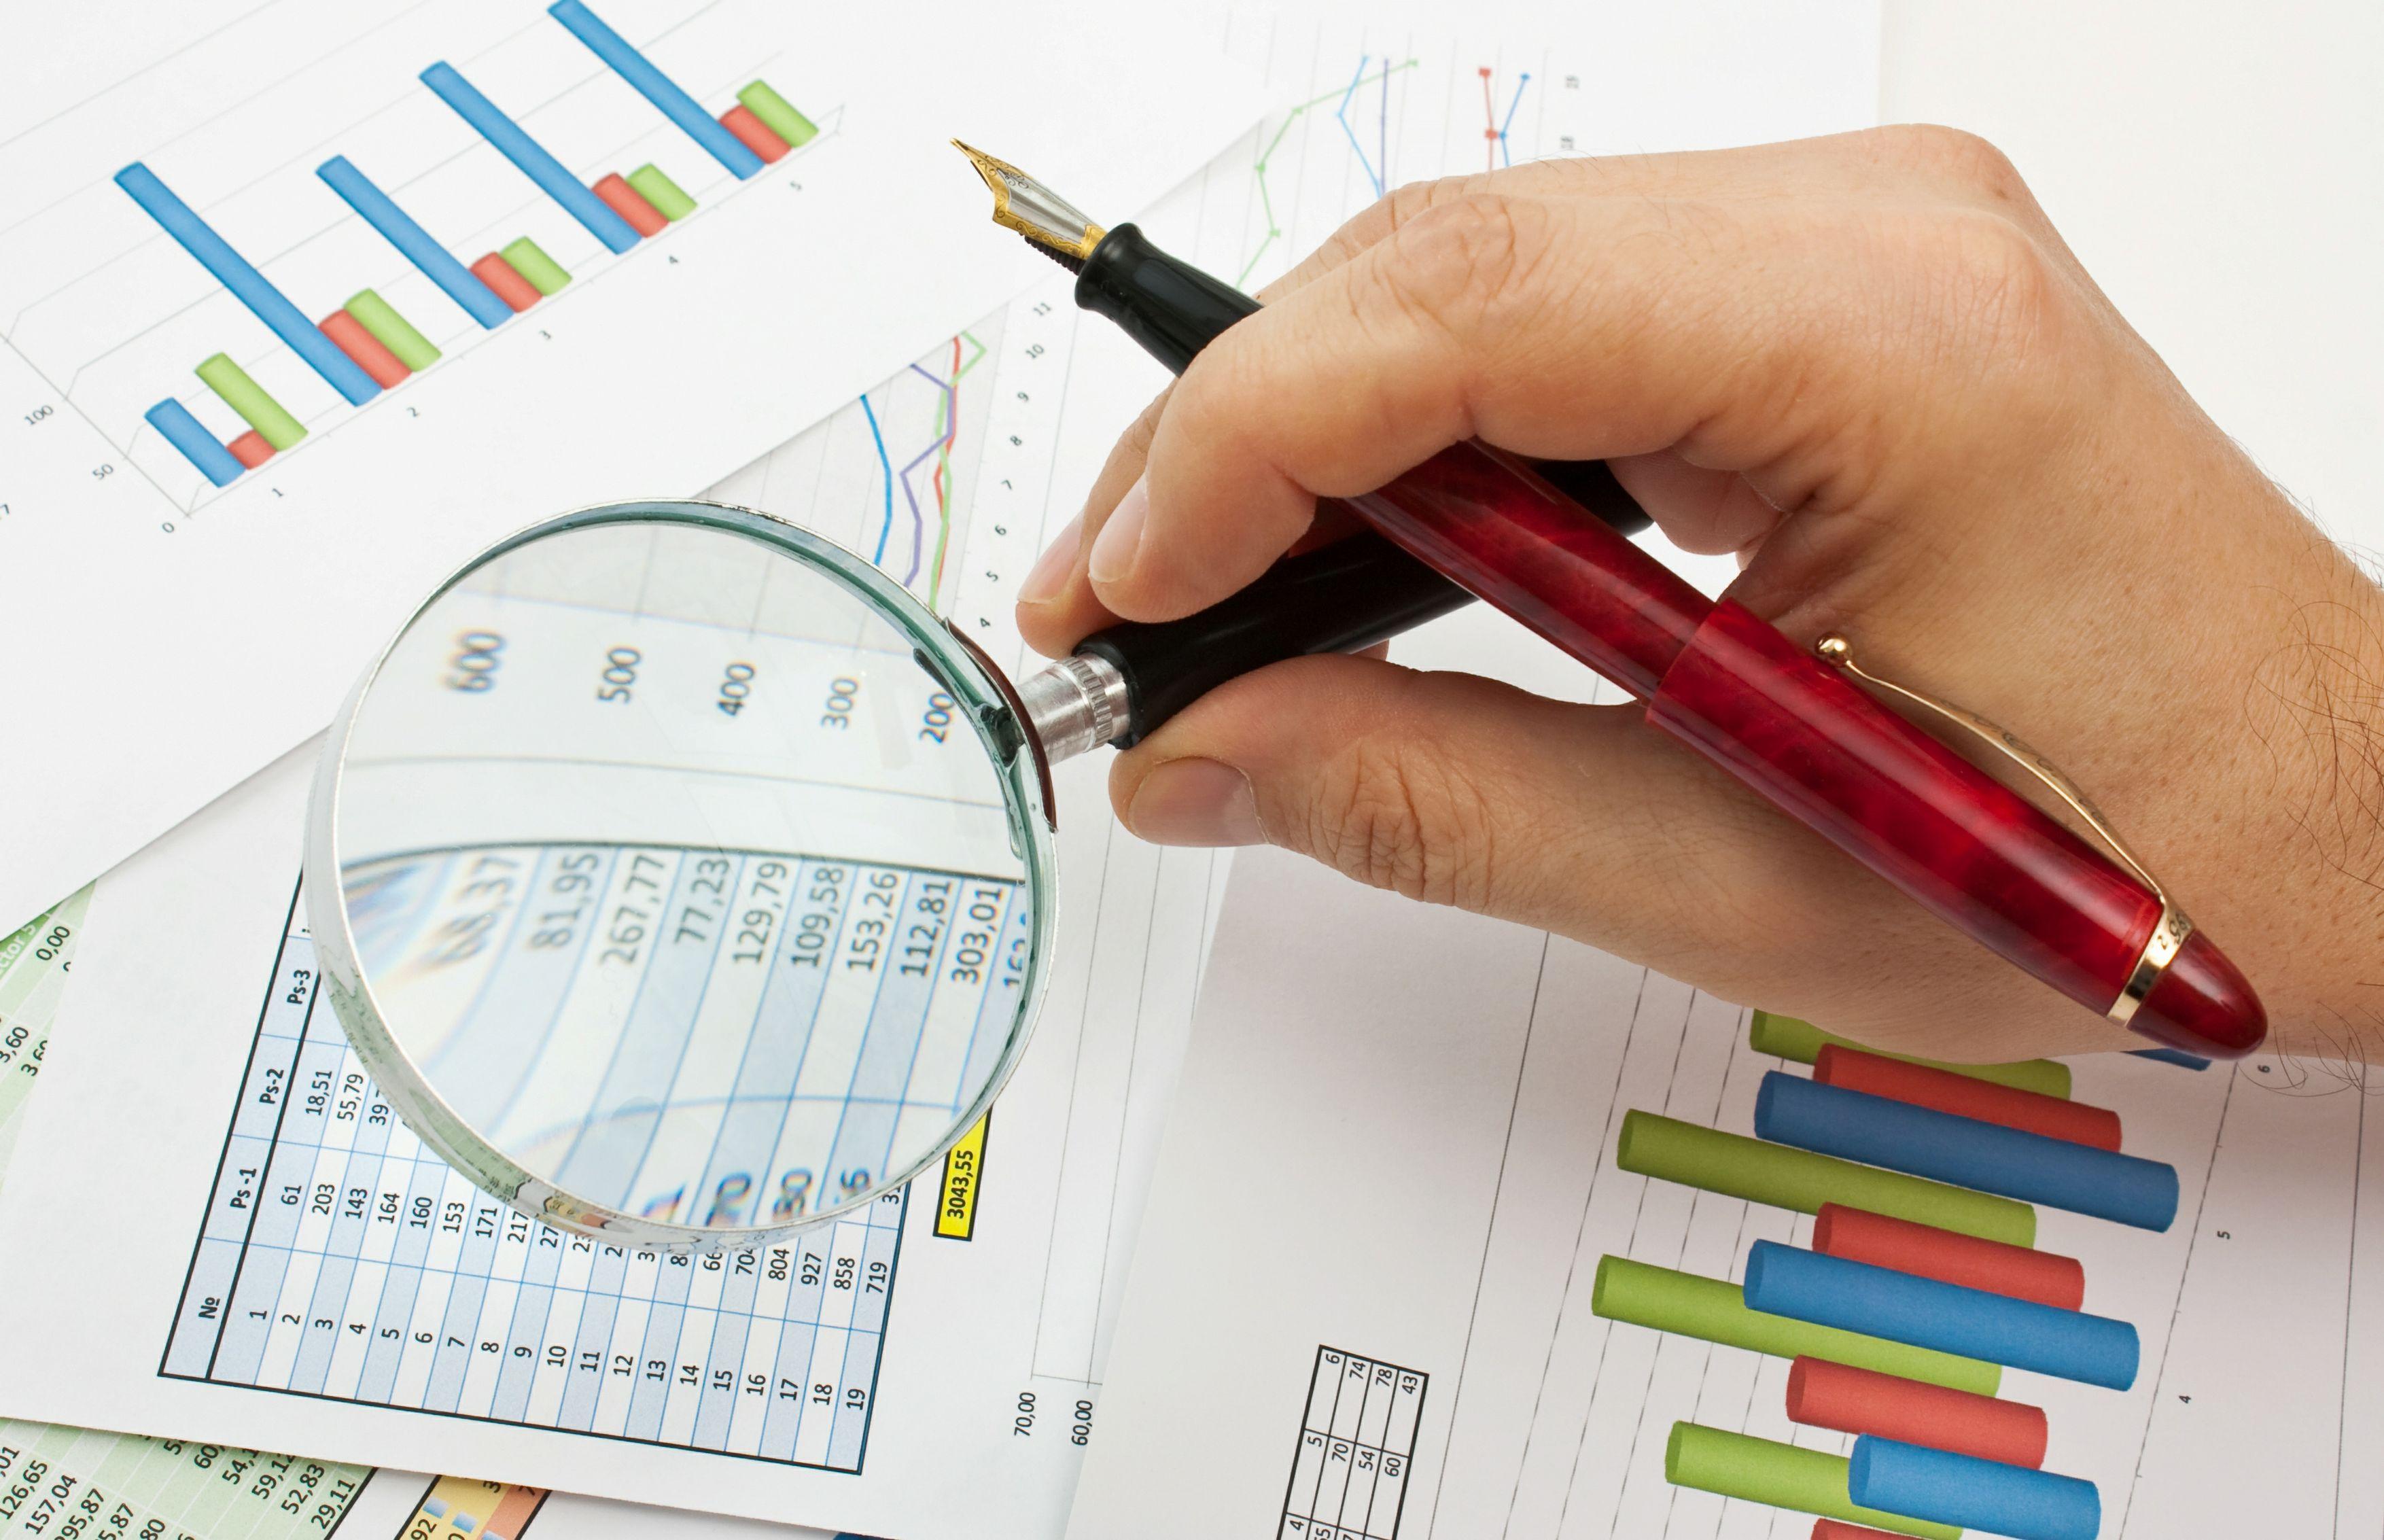 格隆汇港股聚焦(4.3)︱微创医疗拟分拆上海微创心脉医疗科技并于科创板独立上市